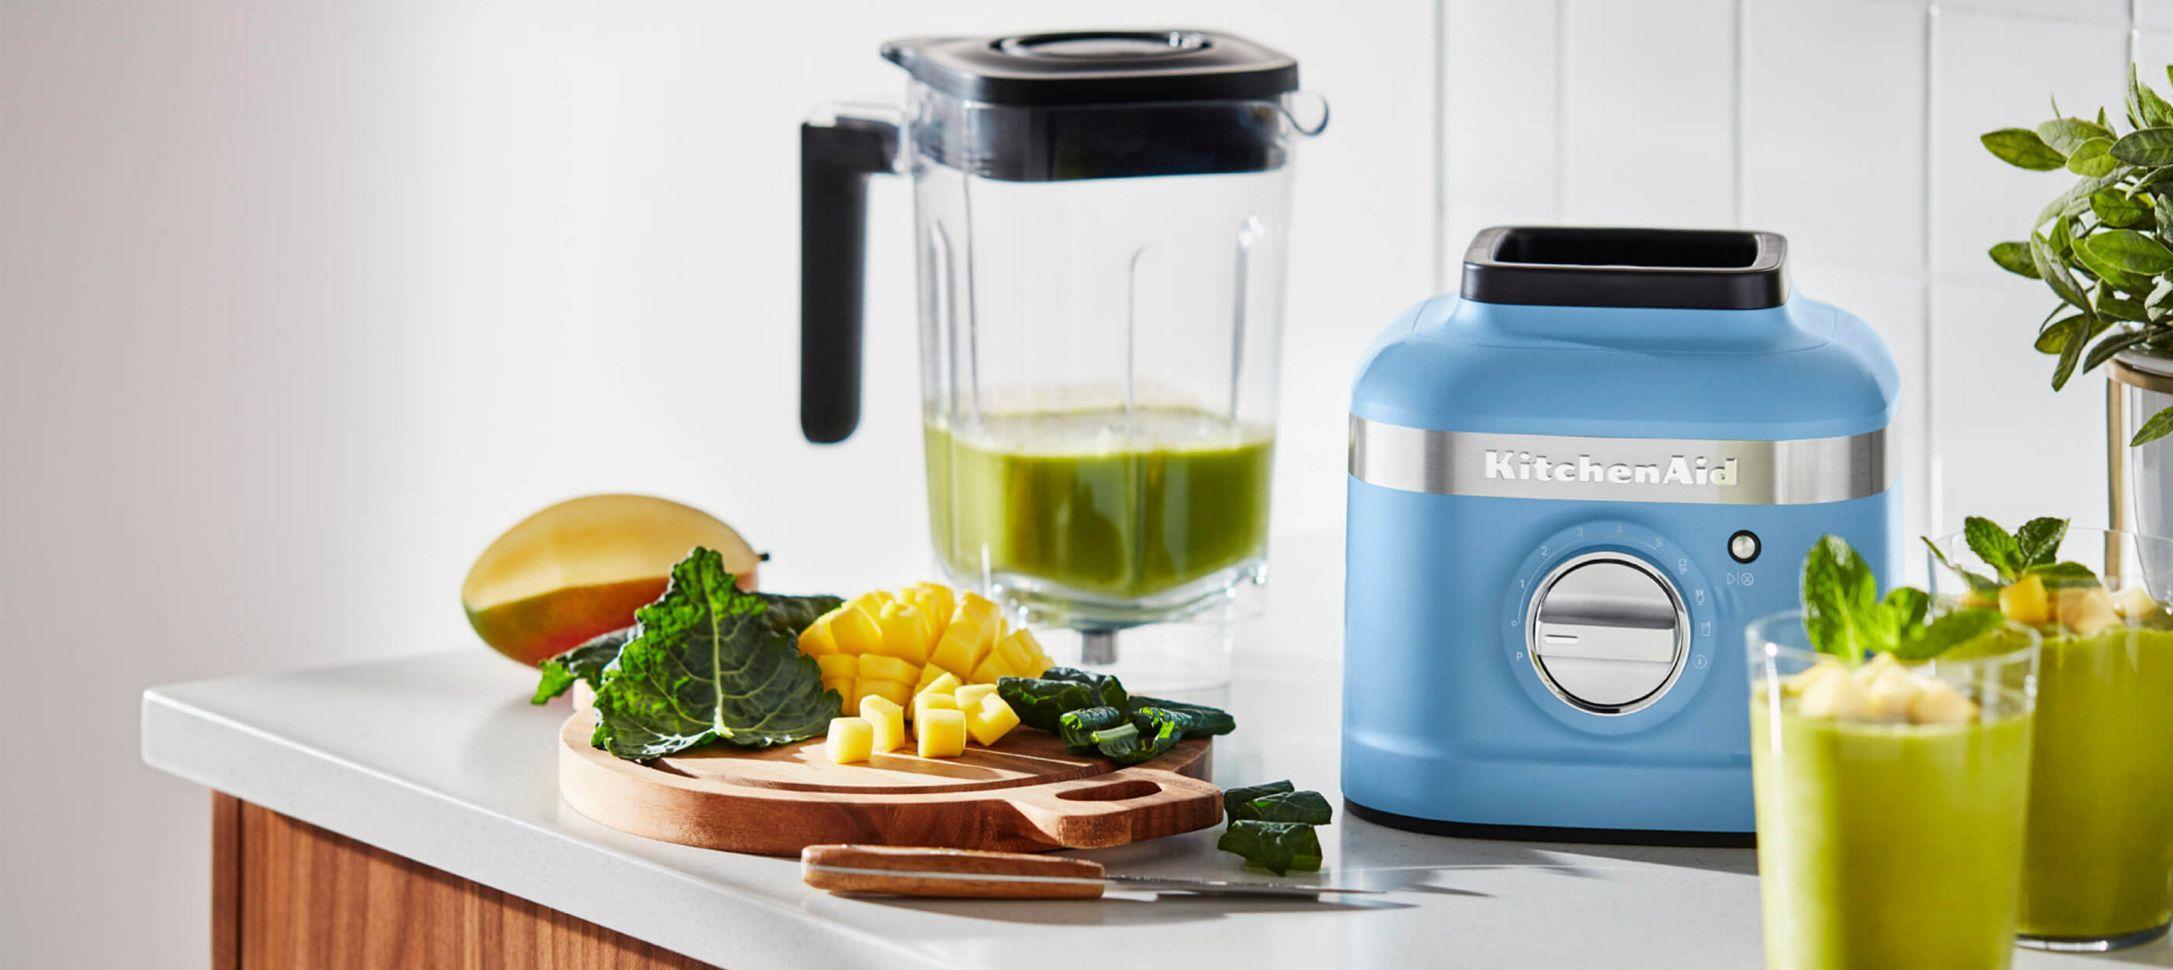 A Blue Velvet K400 Blender holding a green smoothie.